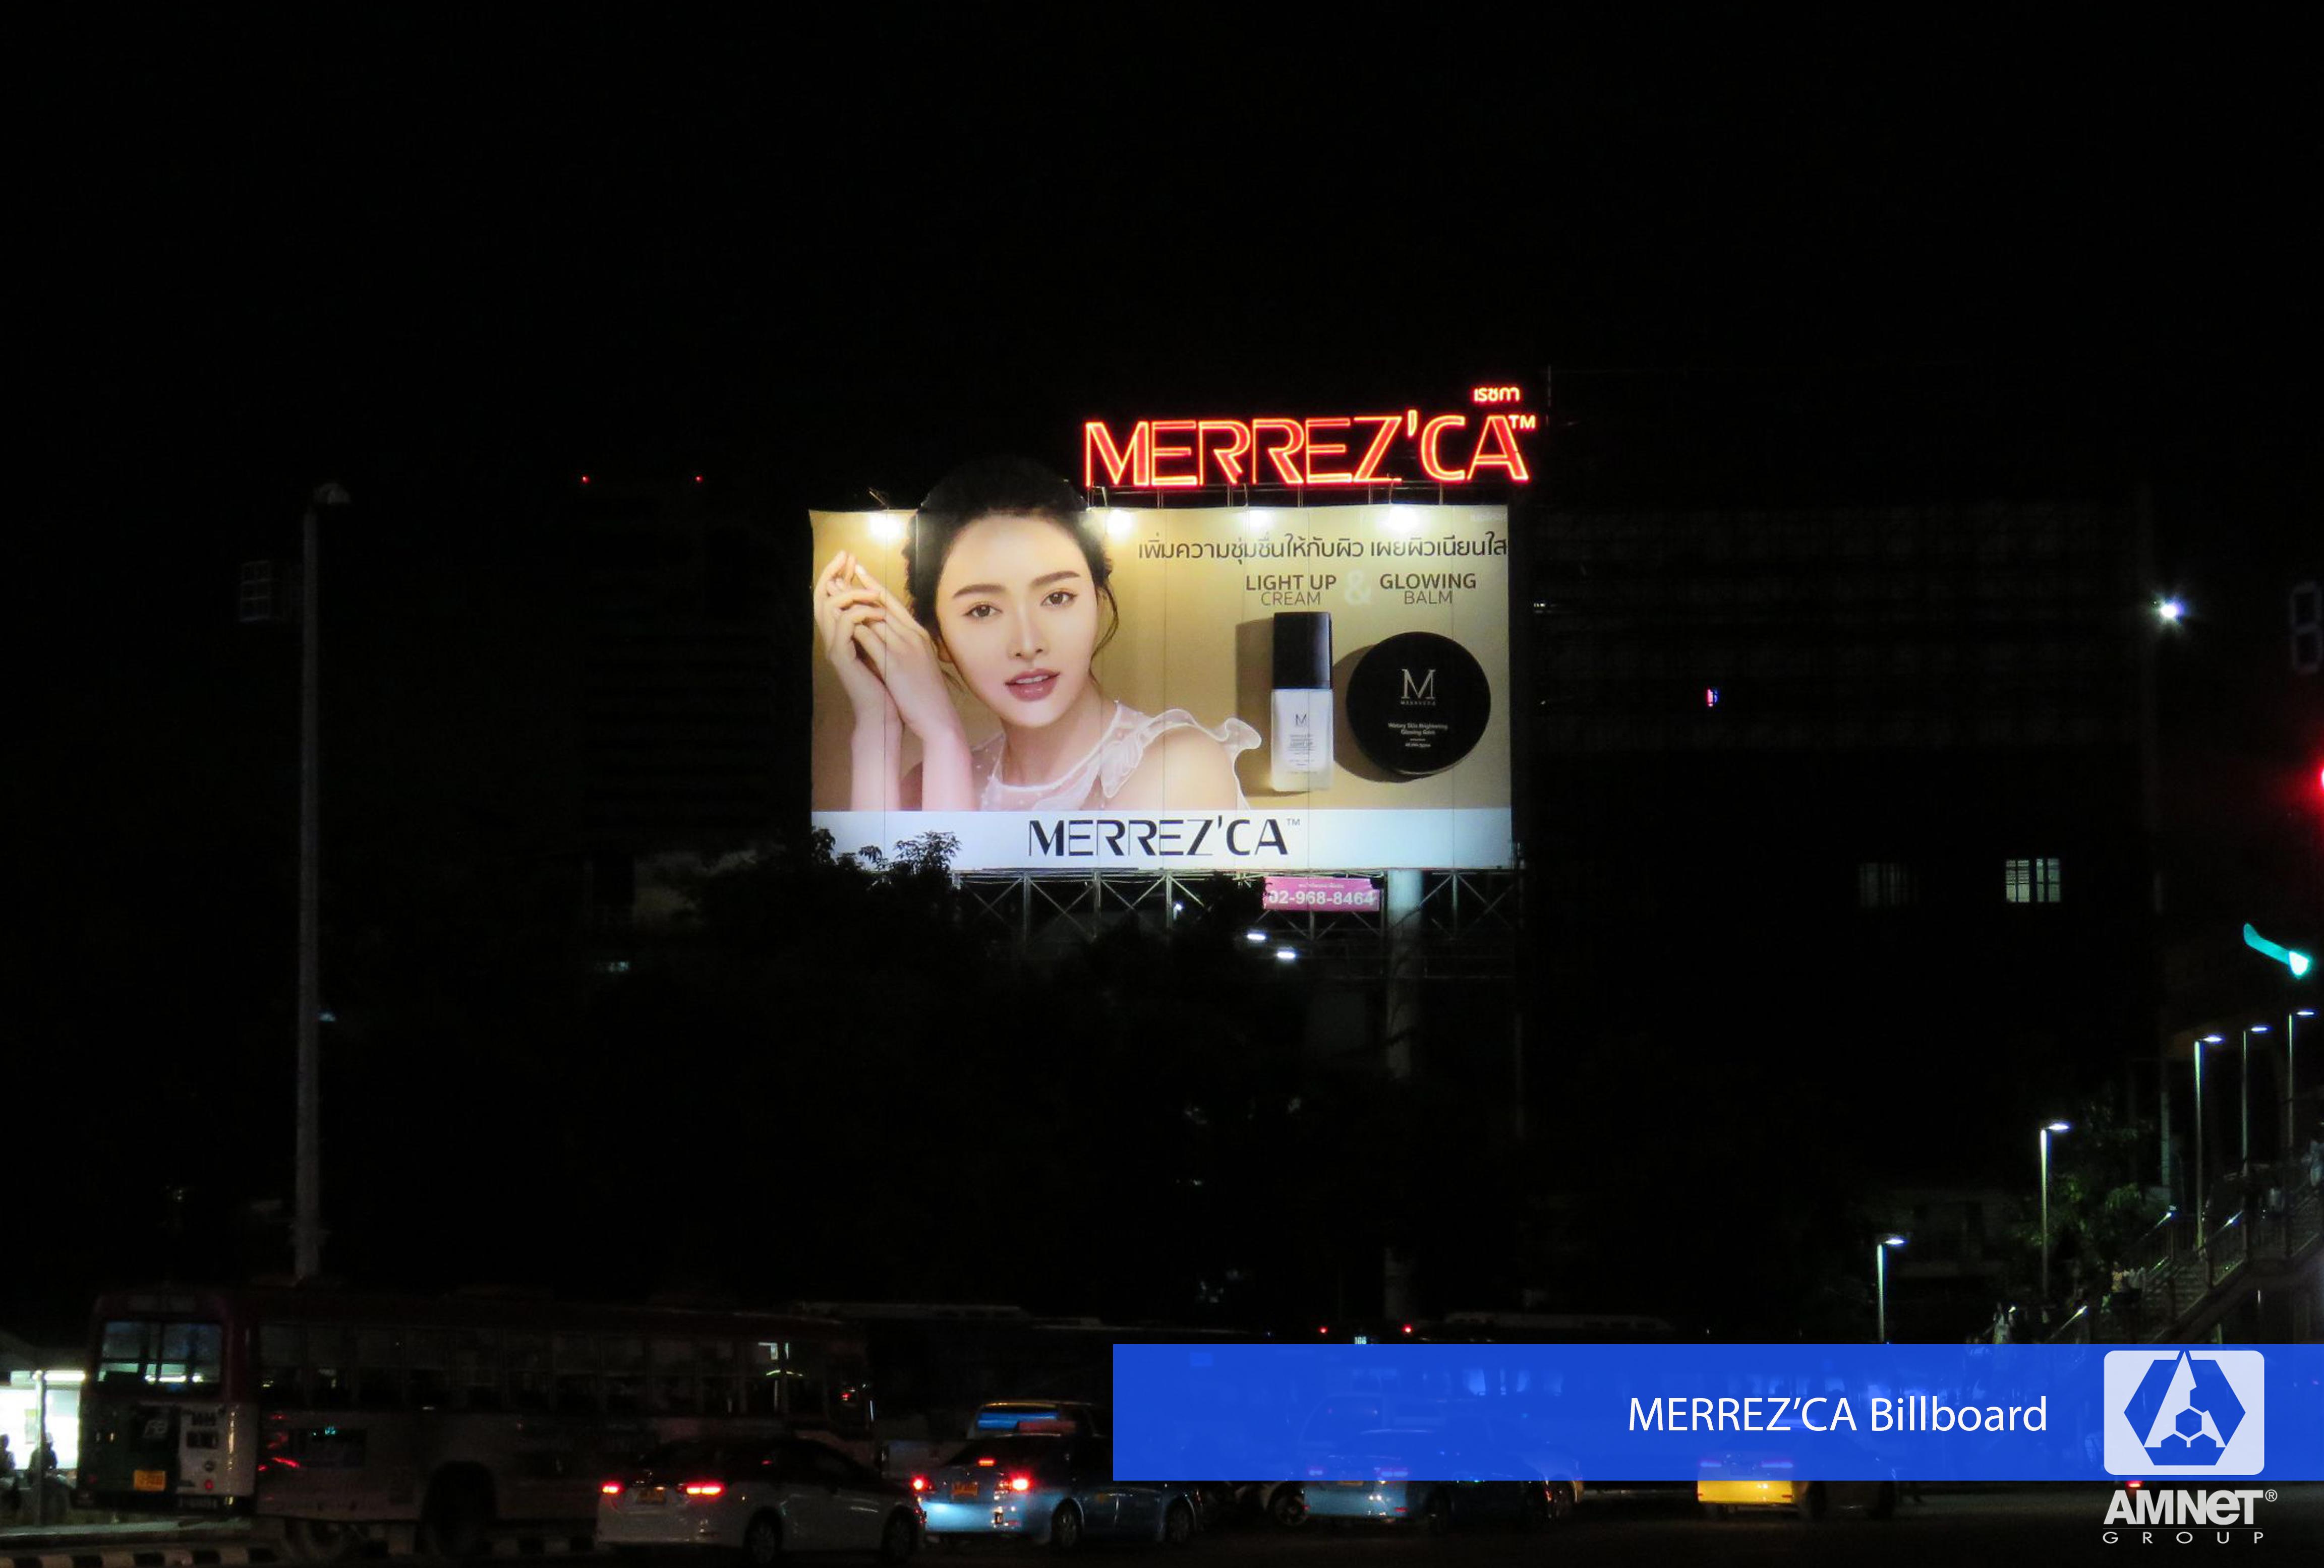 MERREZCA